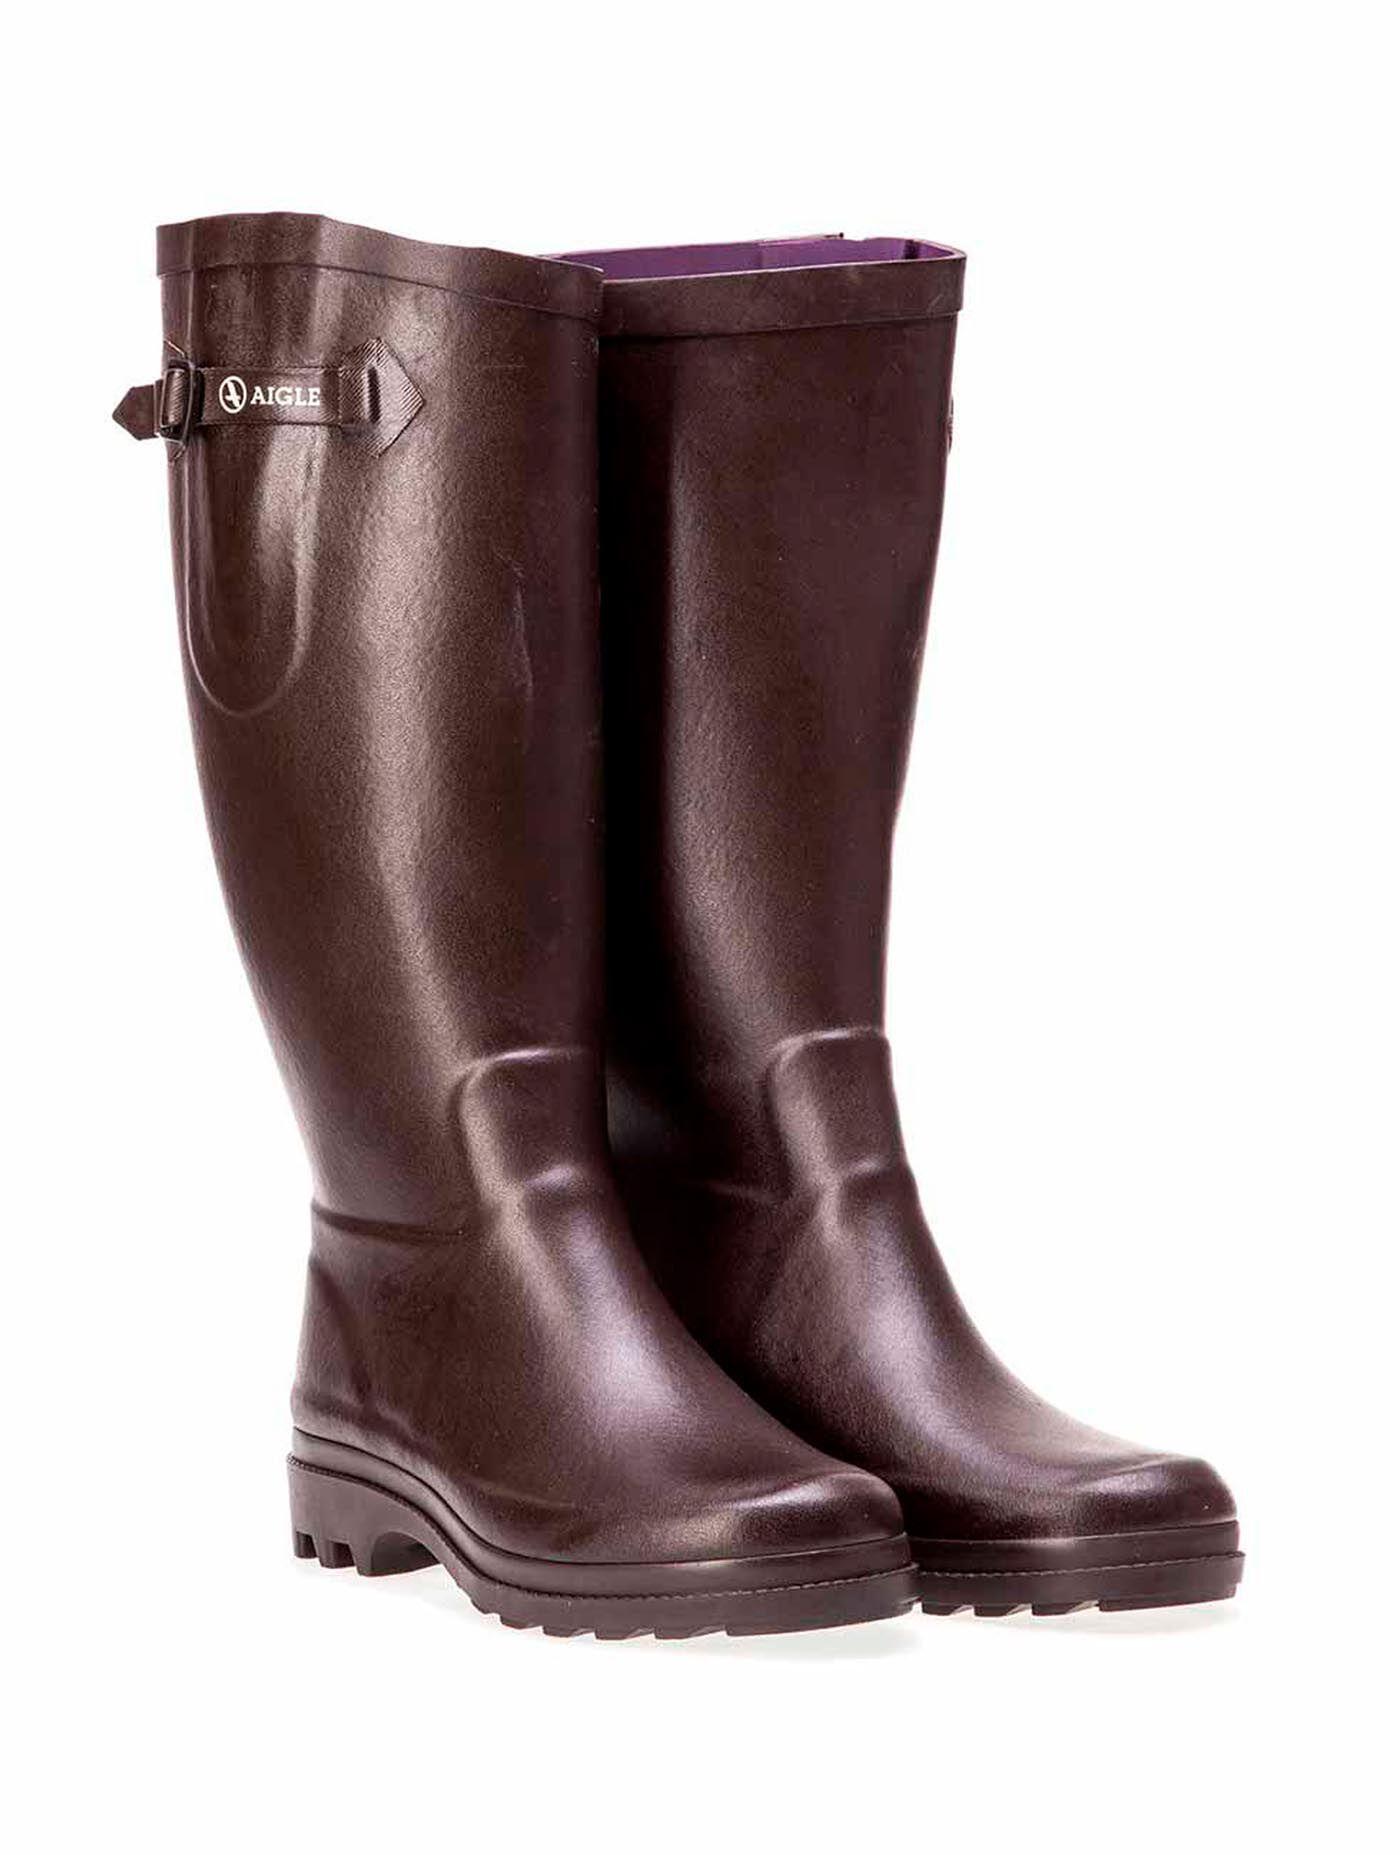 Bottes femme, Bottes de pluie femme | AIGLE